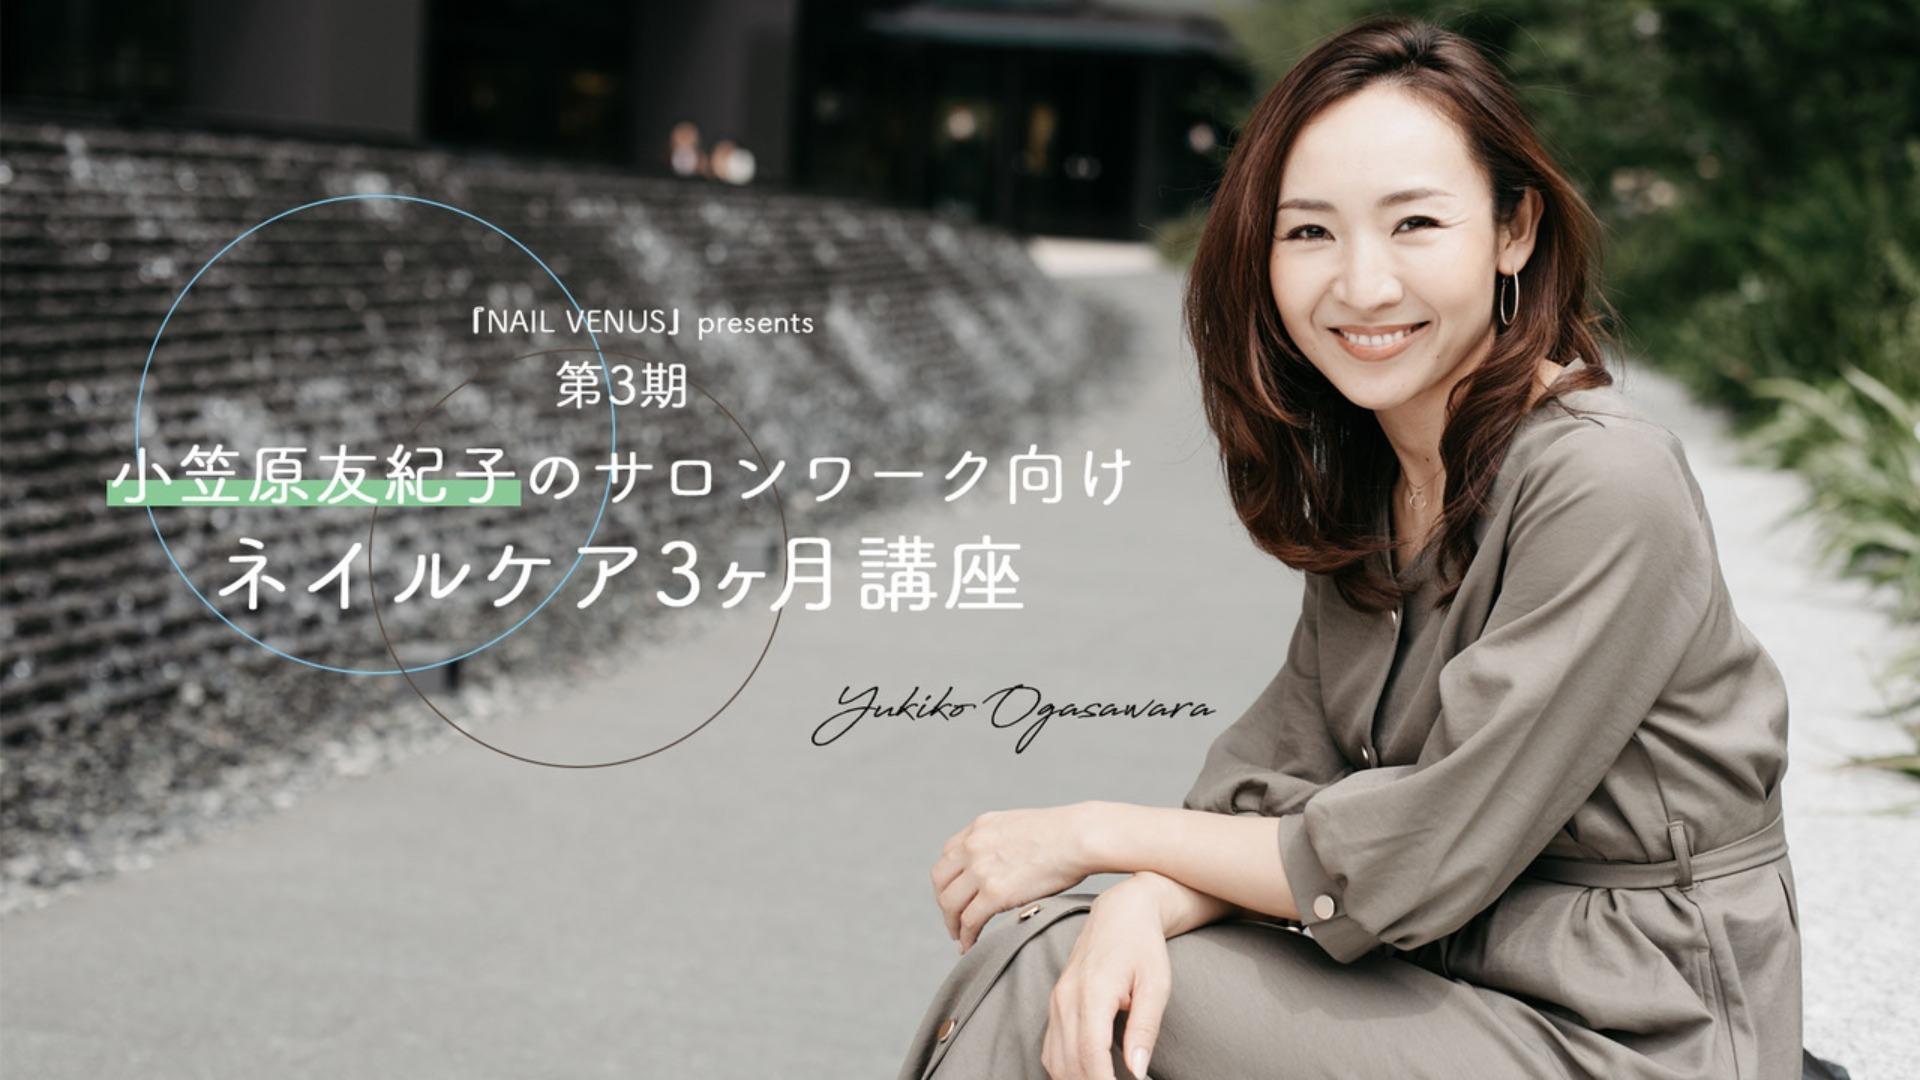 第3期 小笠原友紀子のサロンワーク向け ネイルケア3ヶ月講座